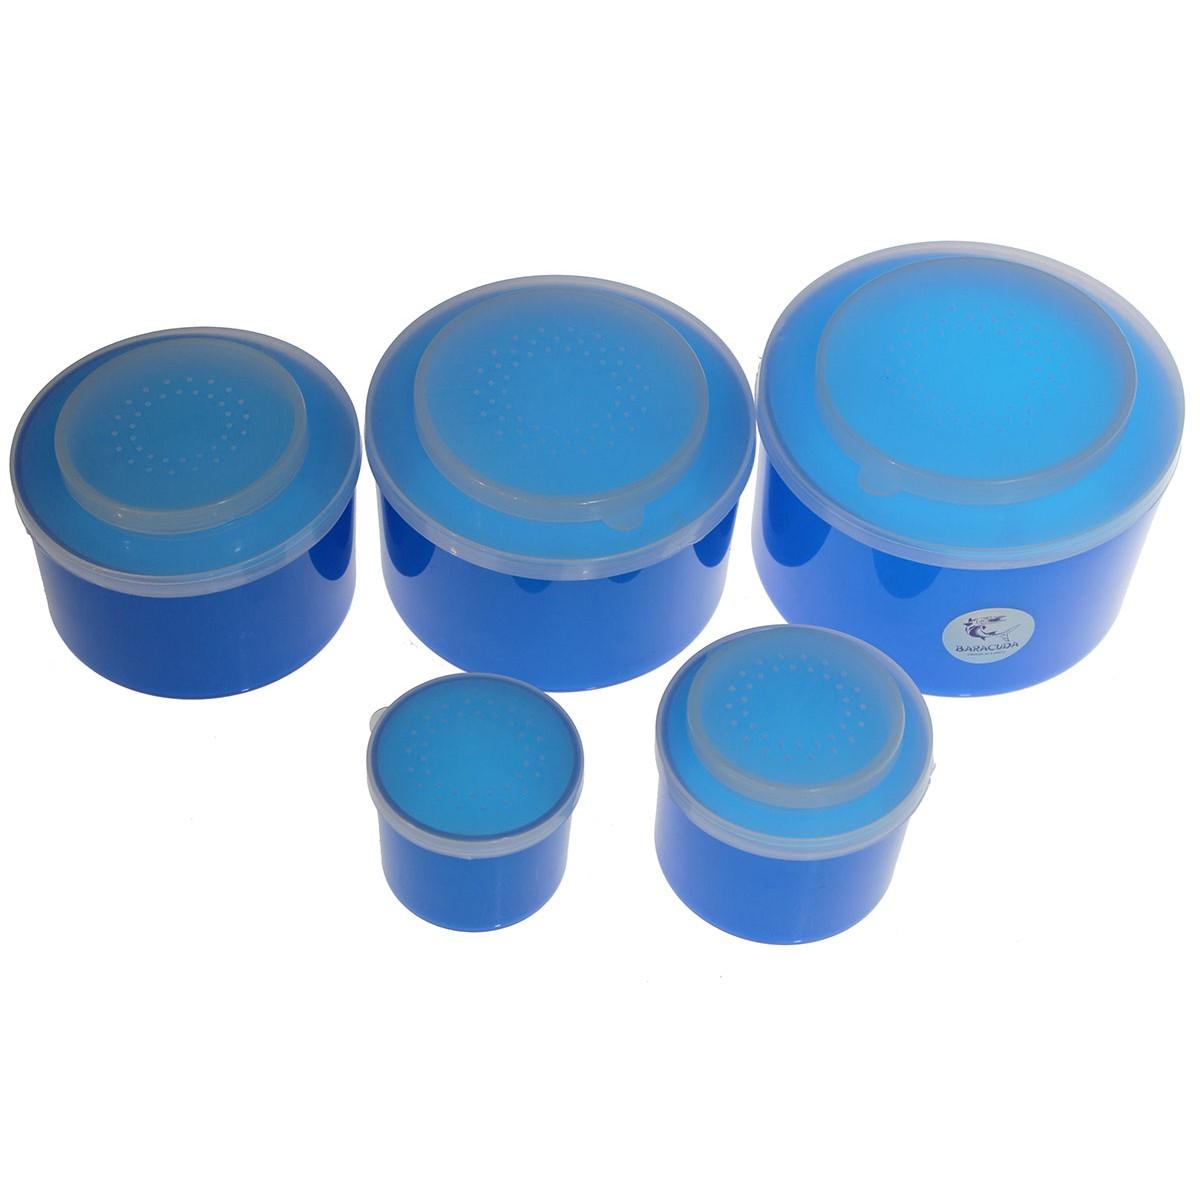 Комплект кутии за стръв Baracuda